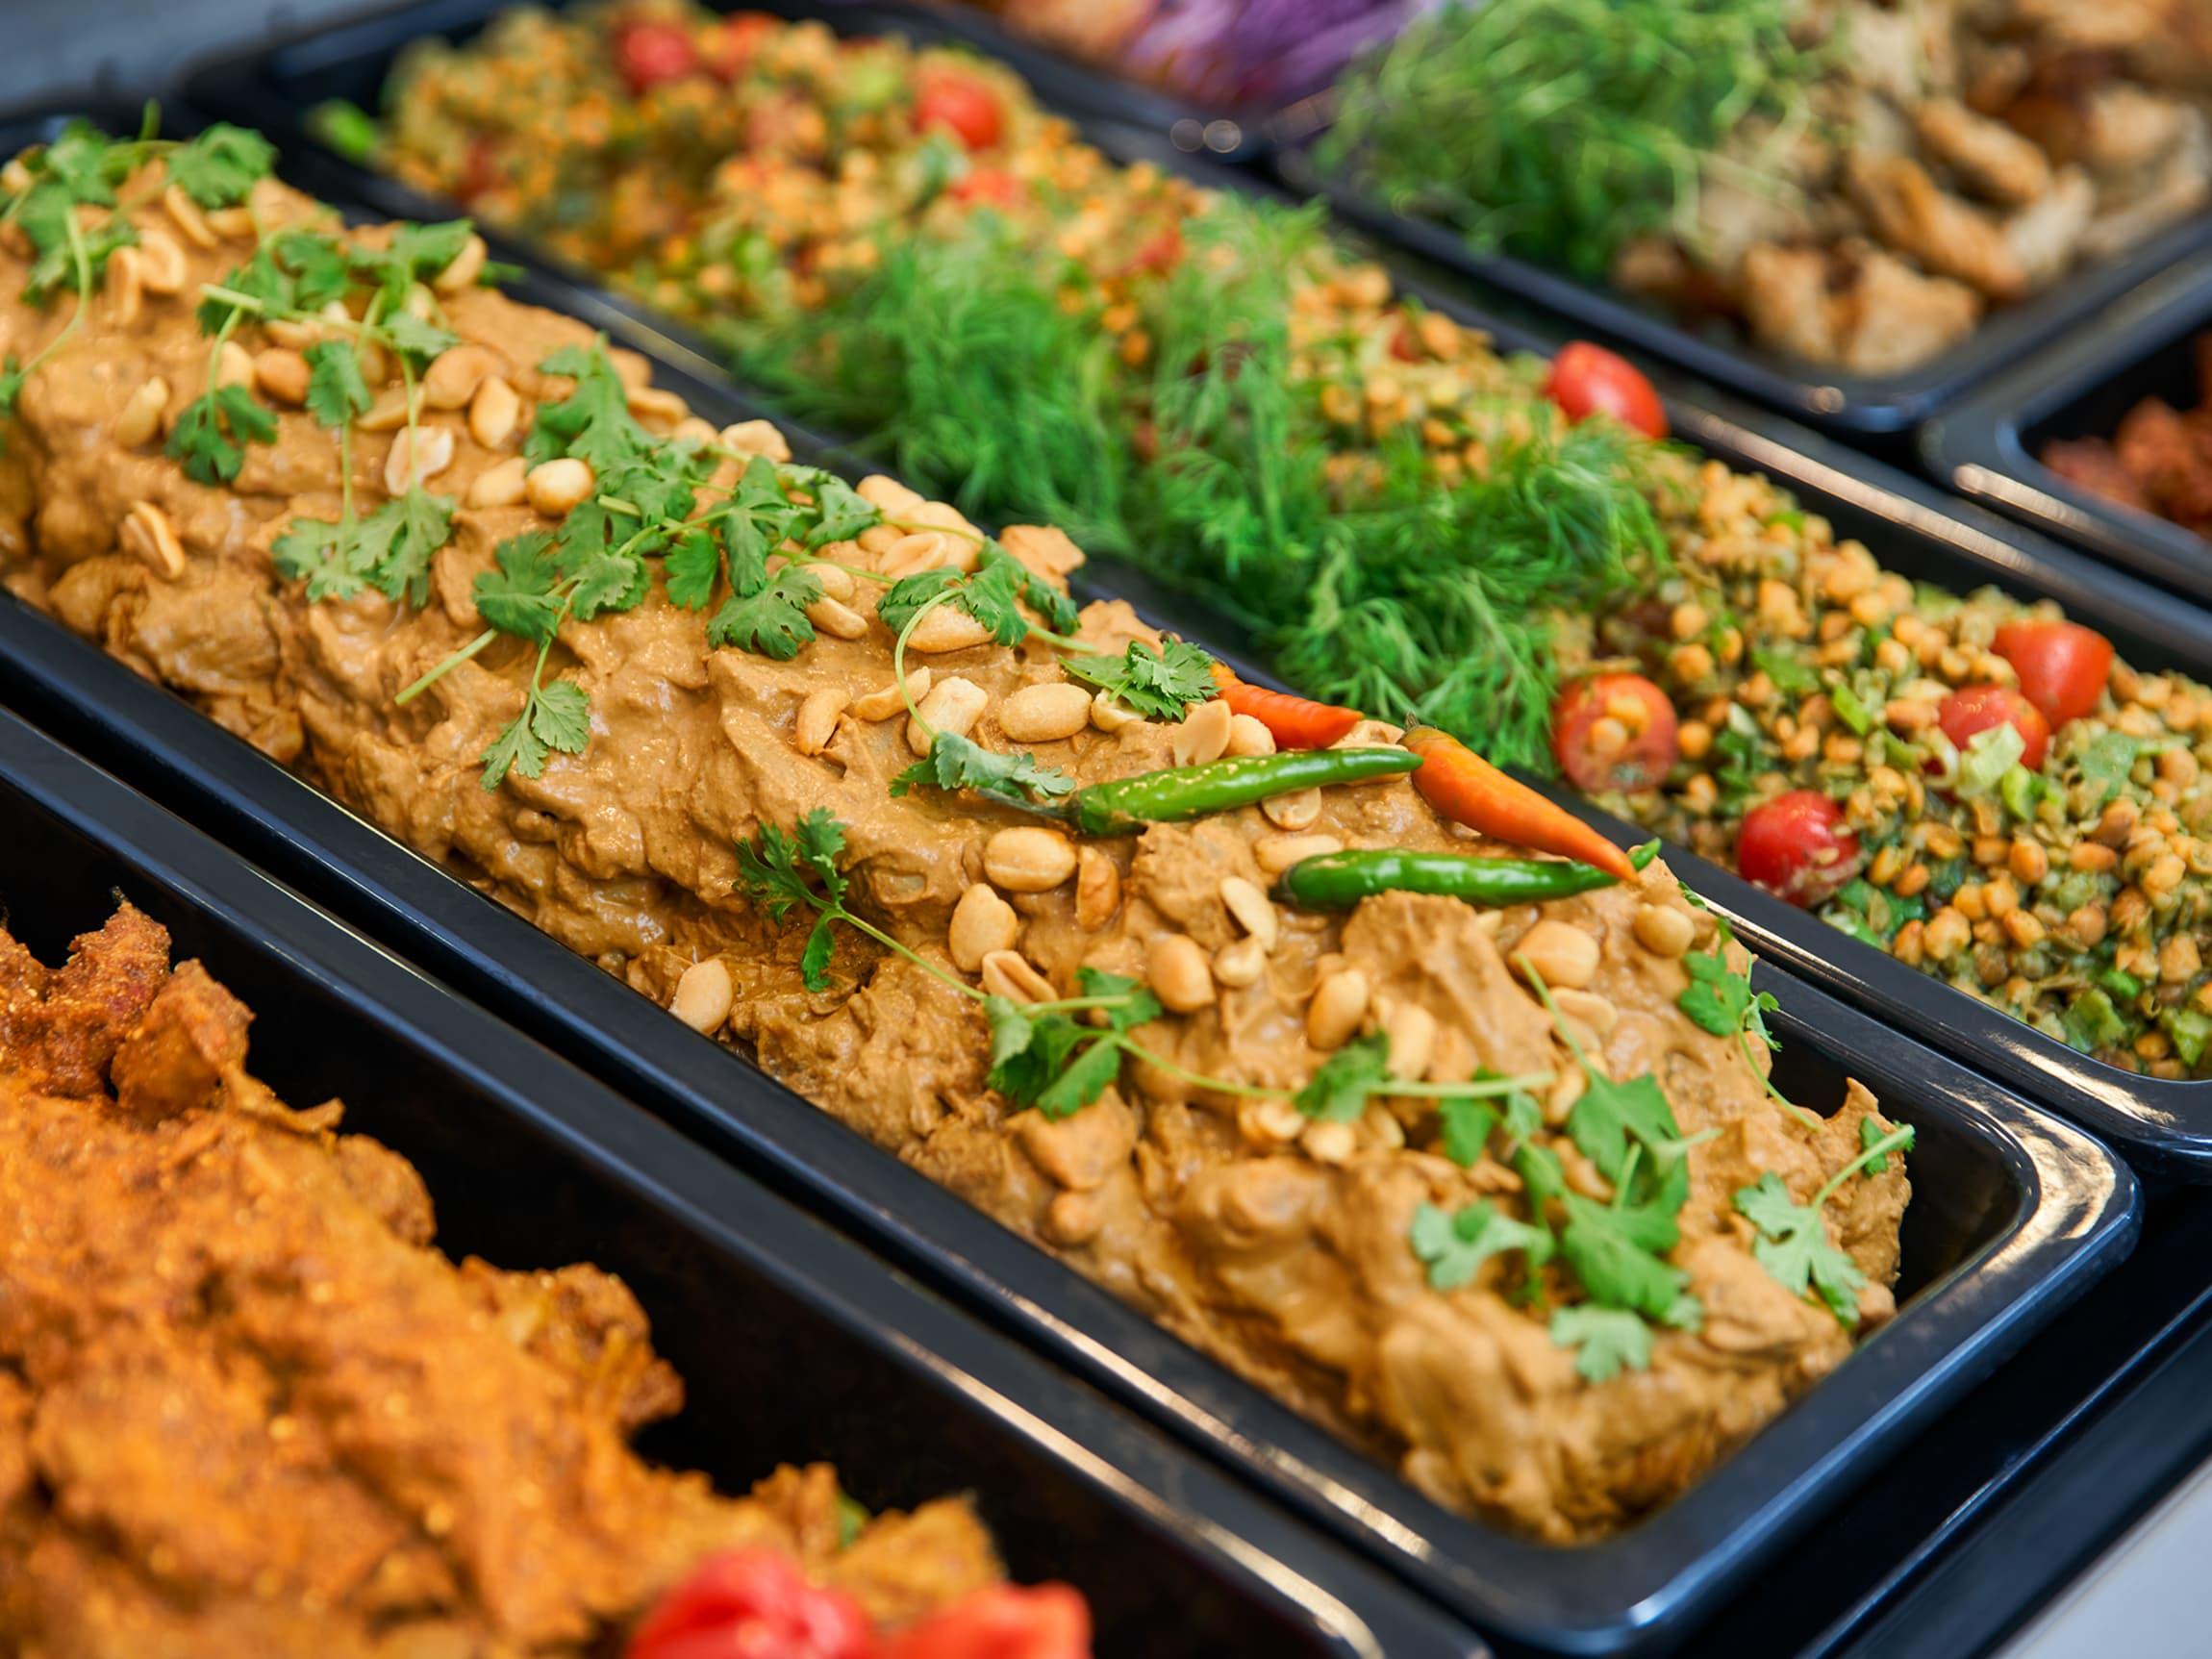 Helt kjøttfrie gryter er noe av det du kan du finne i vegetardisken